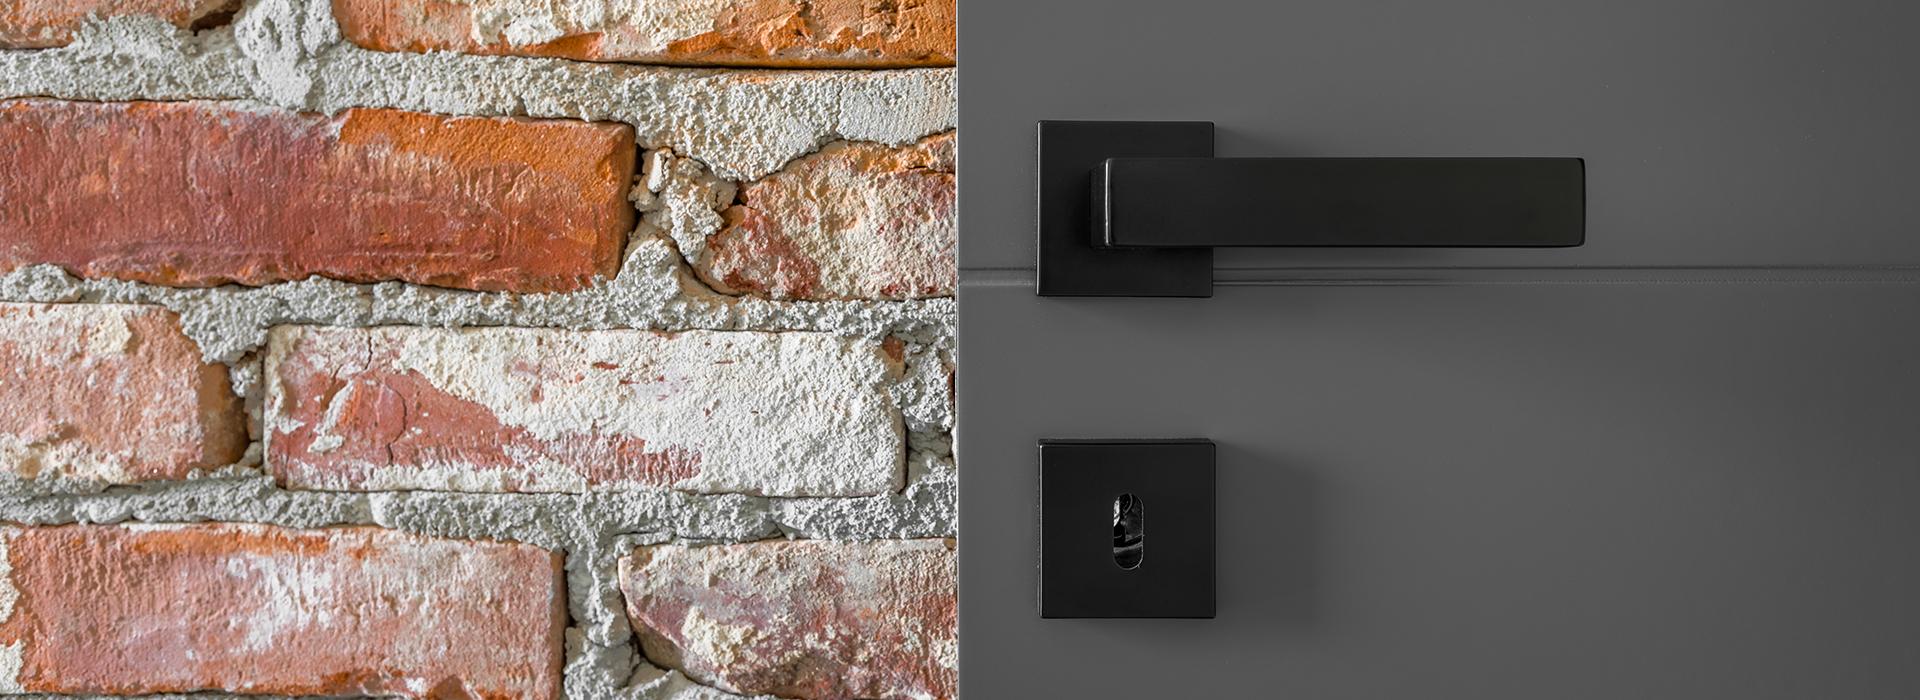 Grey door with black handle